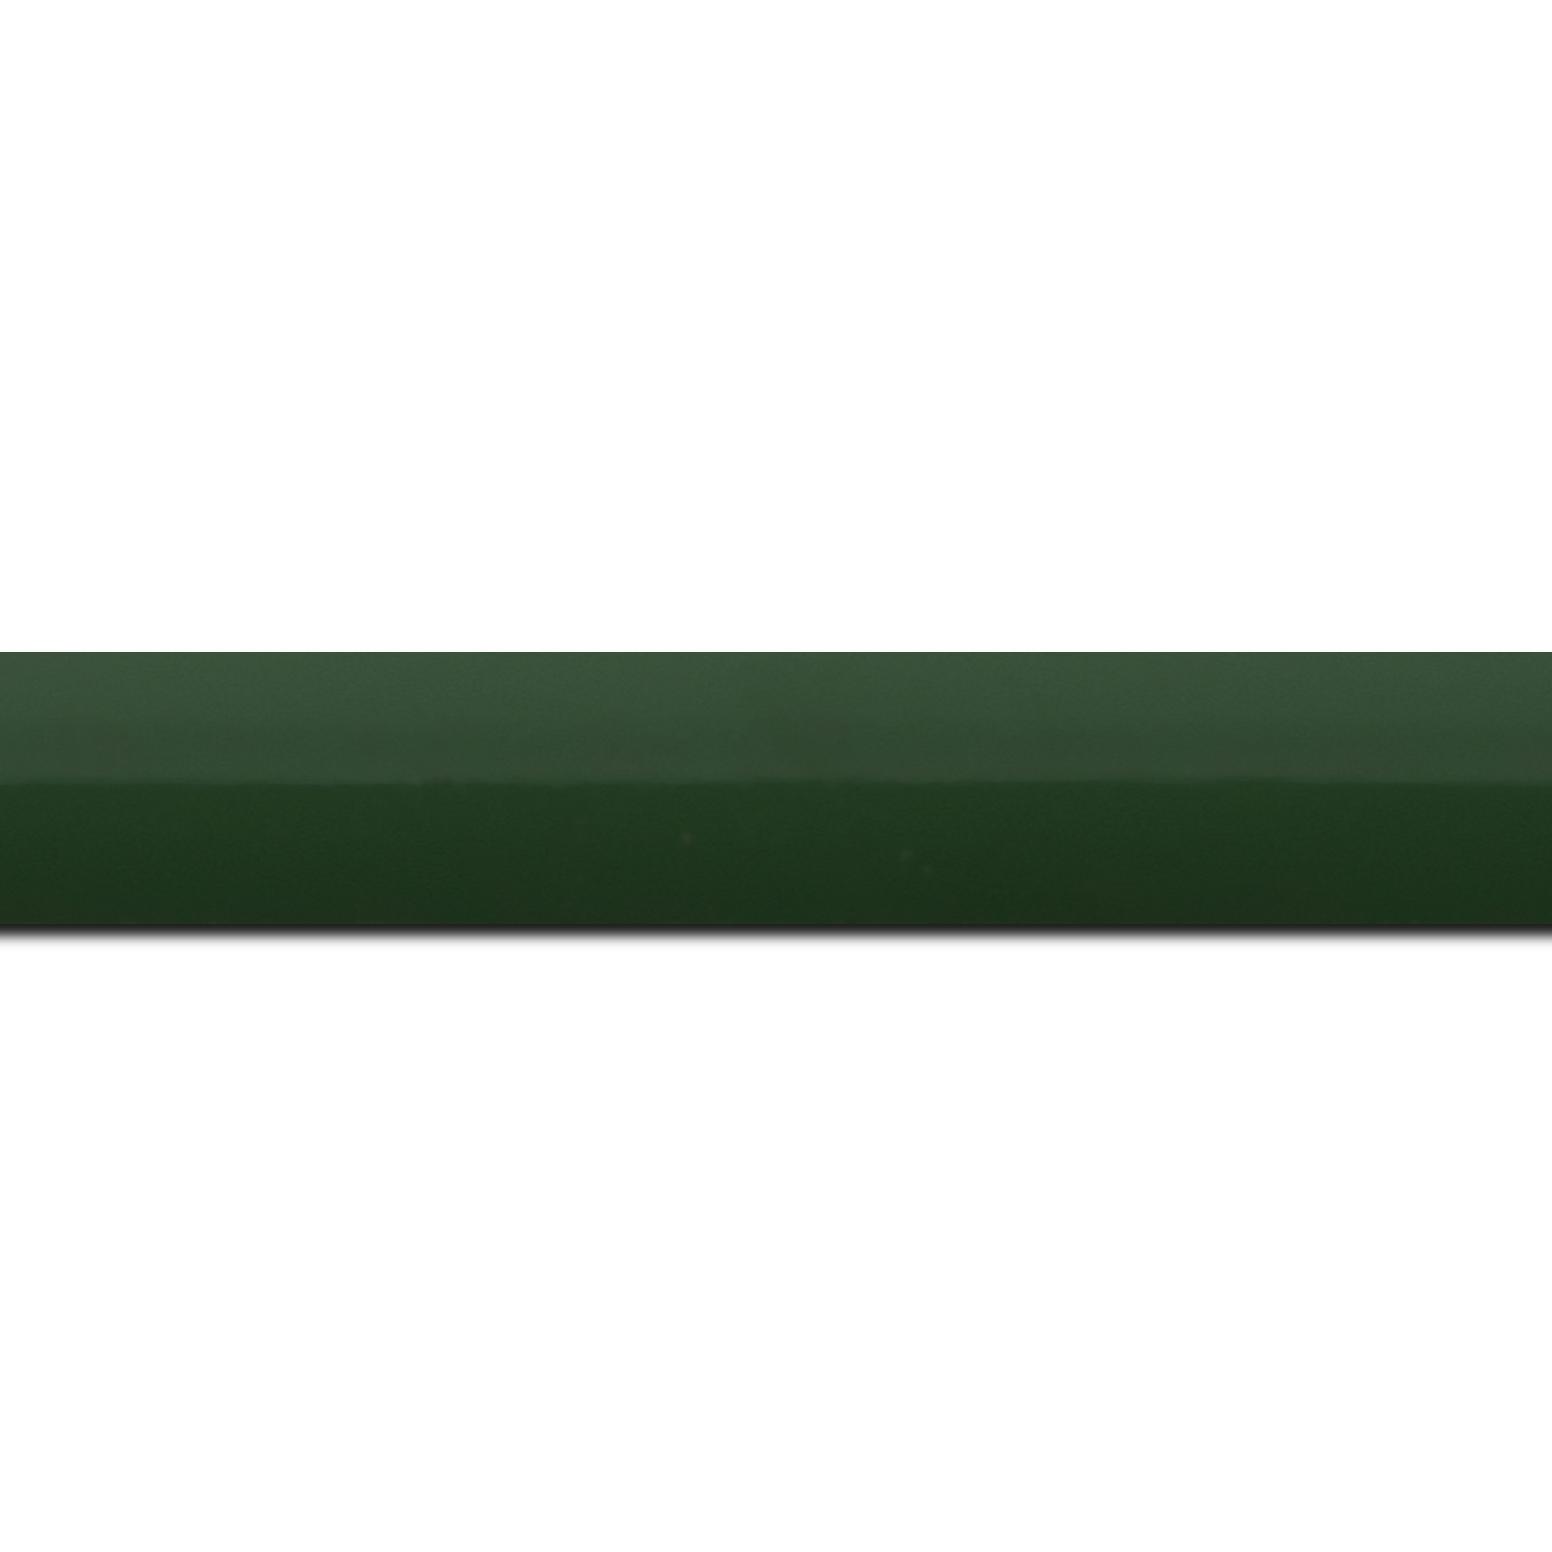 cadre bois vert 50x60 pas cher cadre photo bois vert 50x60 destock cadre. Black Bedroom Furniture Sets. Home Design Ideas